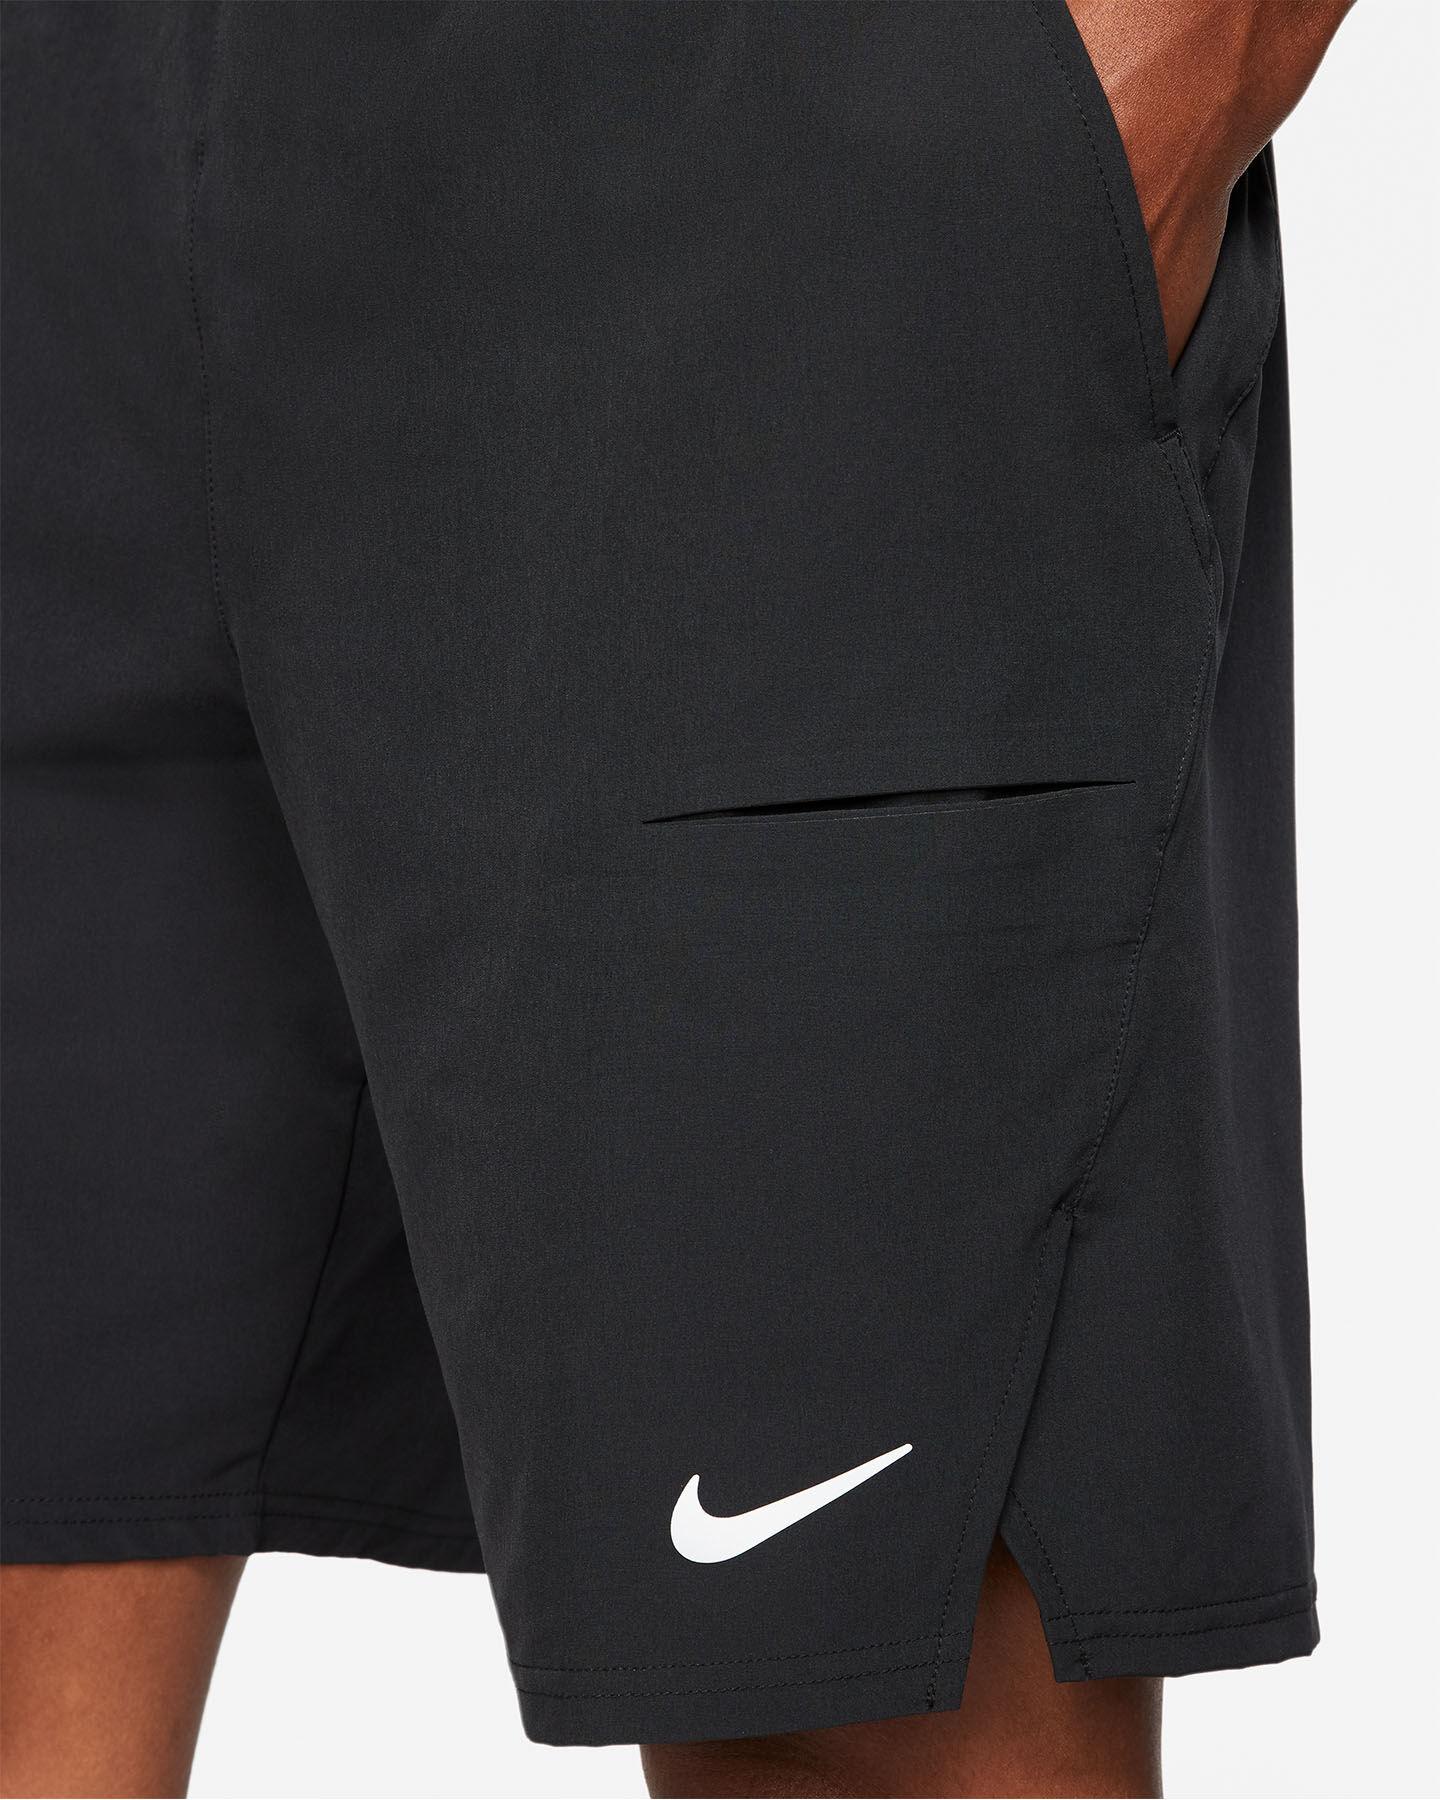 Pantaloncini tennis NIKE ADV FLEX 9IN  M S5269283 scatto 5